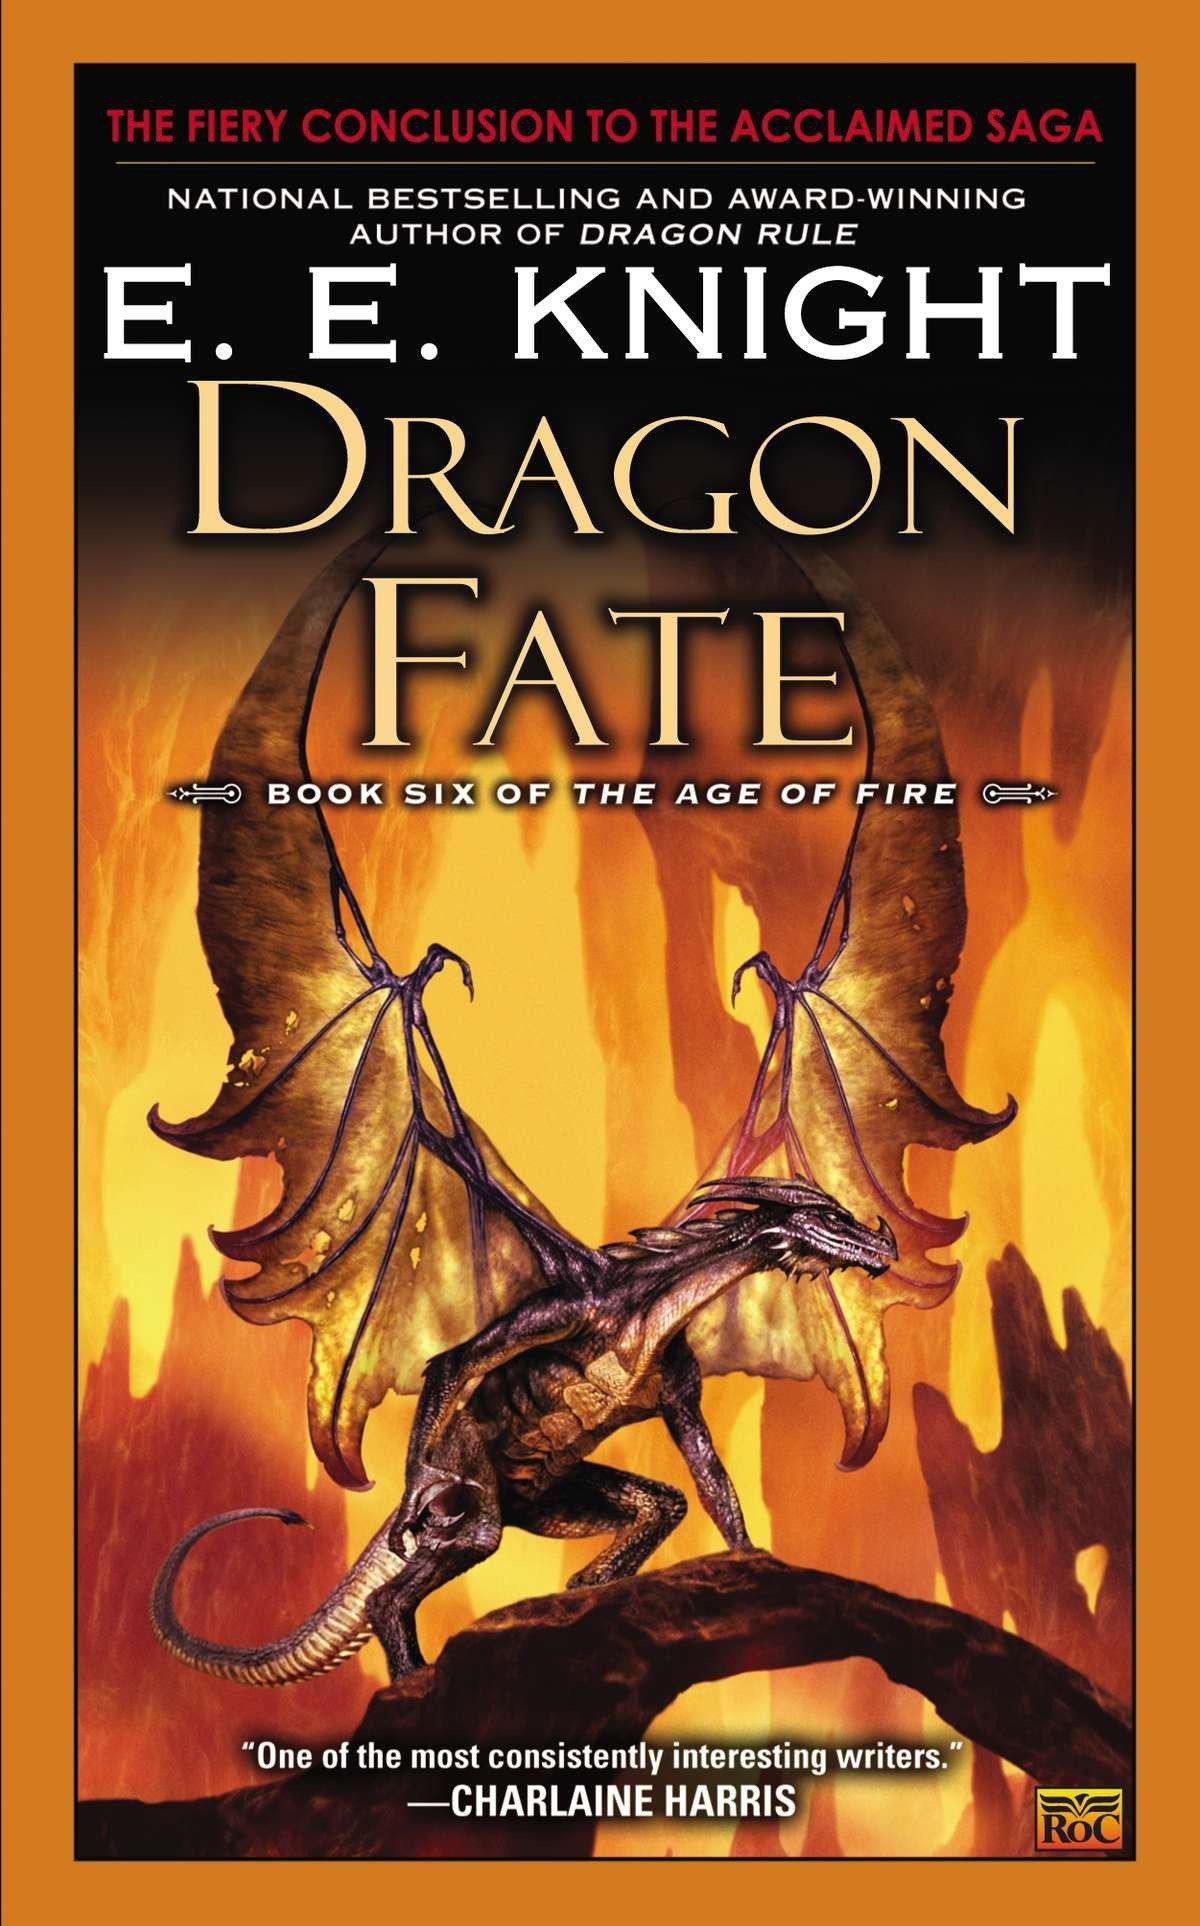 Amazon.com: Dragon Fate: Book Six of The Age of Fire (9780451414885): E.E.  Knight: Books